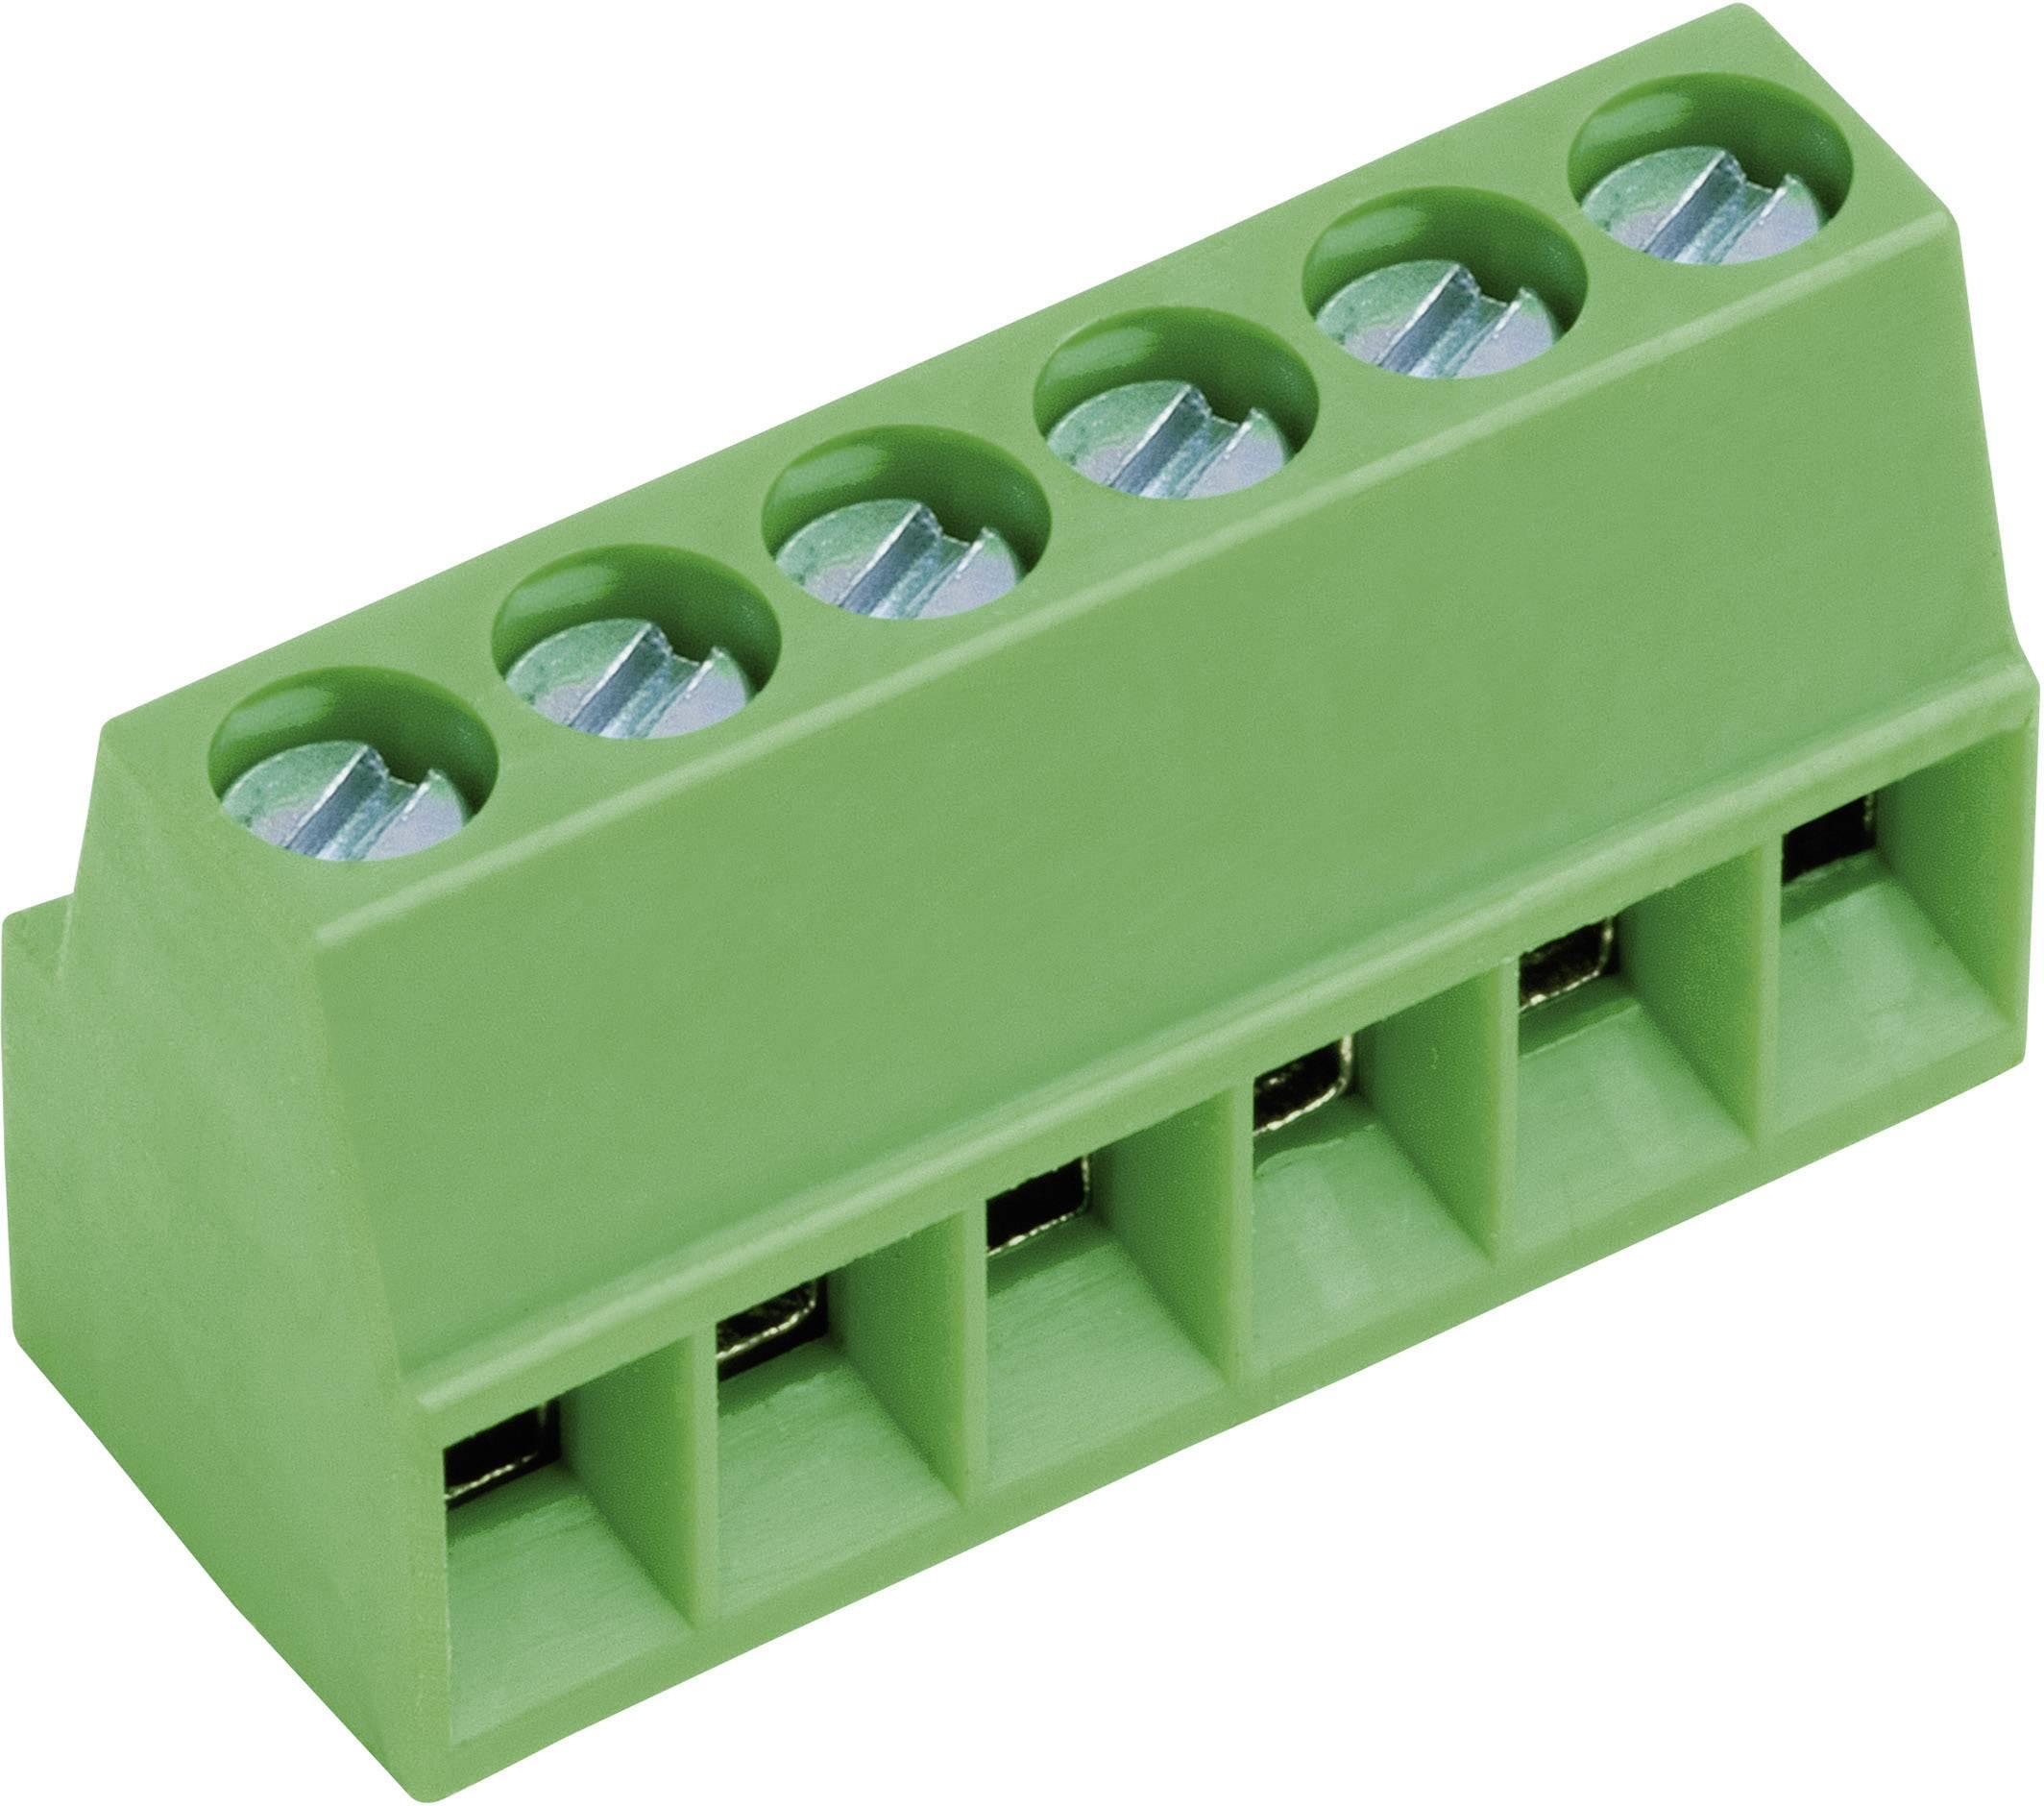 Pájecí šroub. svorka 5nás. AKZ692/5-2.54-V (50692050021E), AWG 30-18, 2,54 mm, zelená